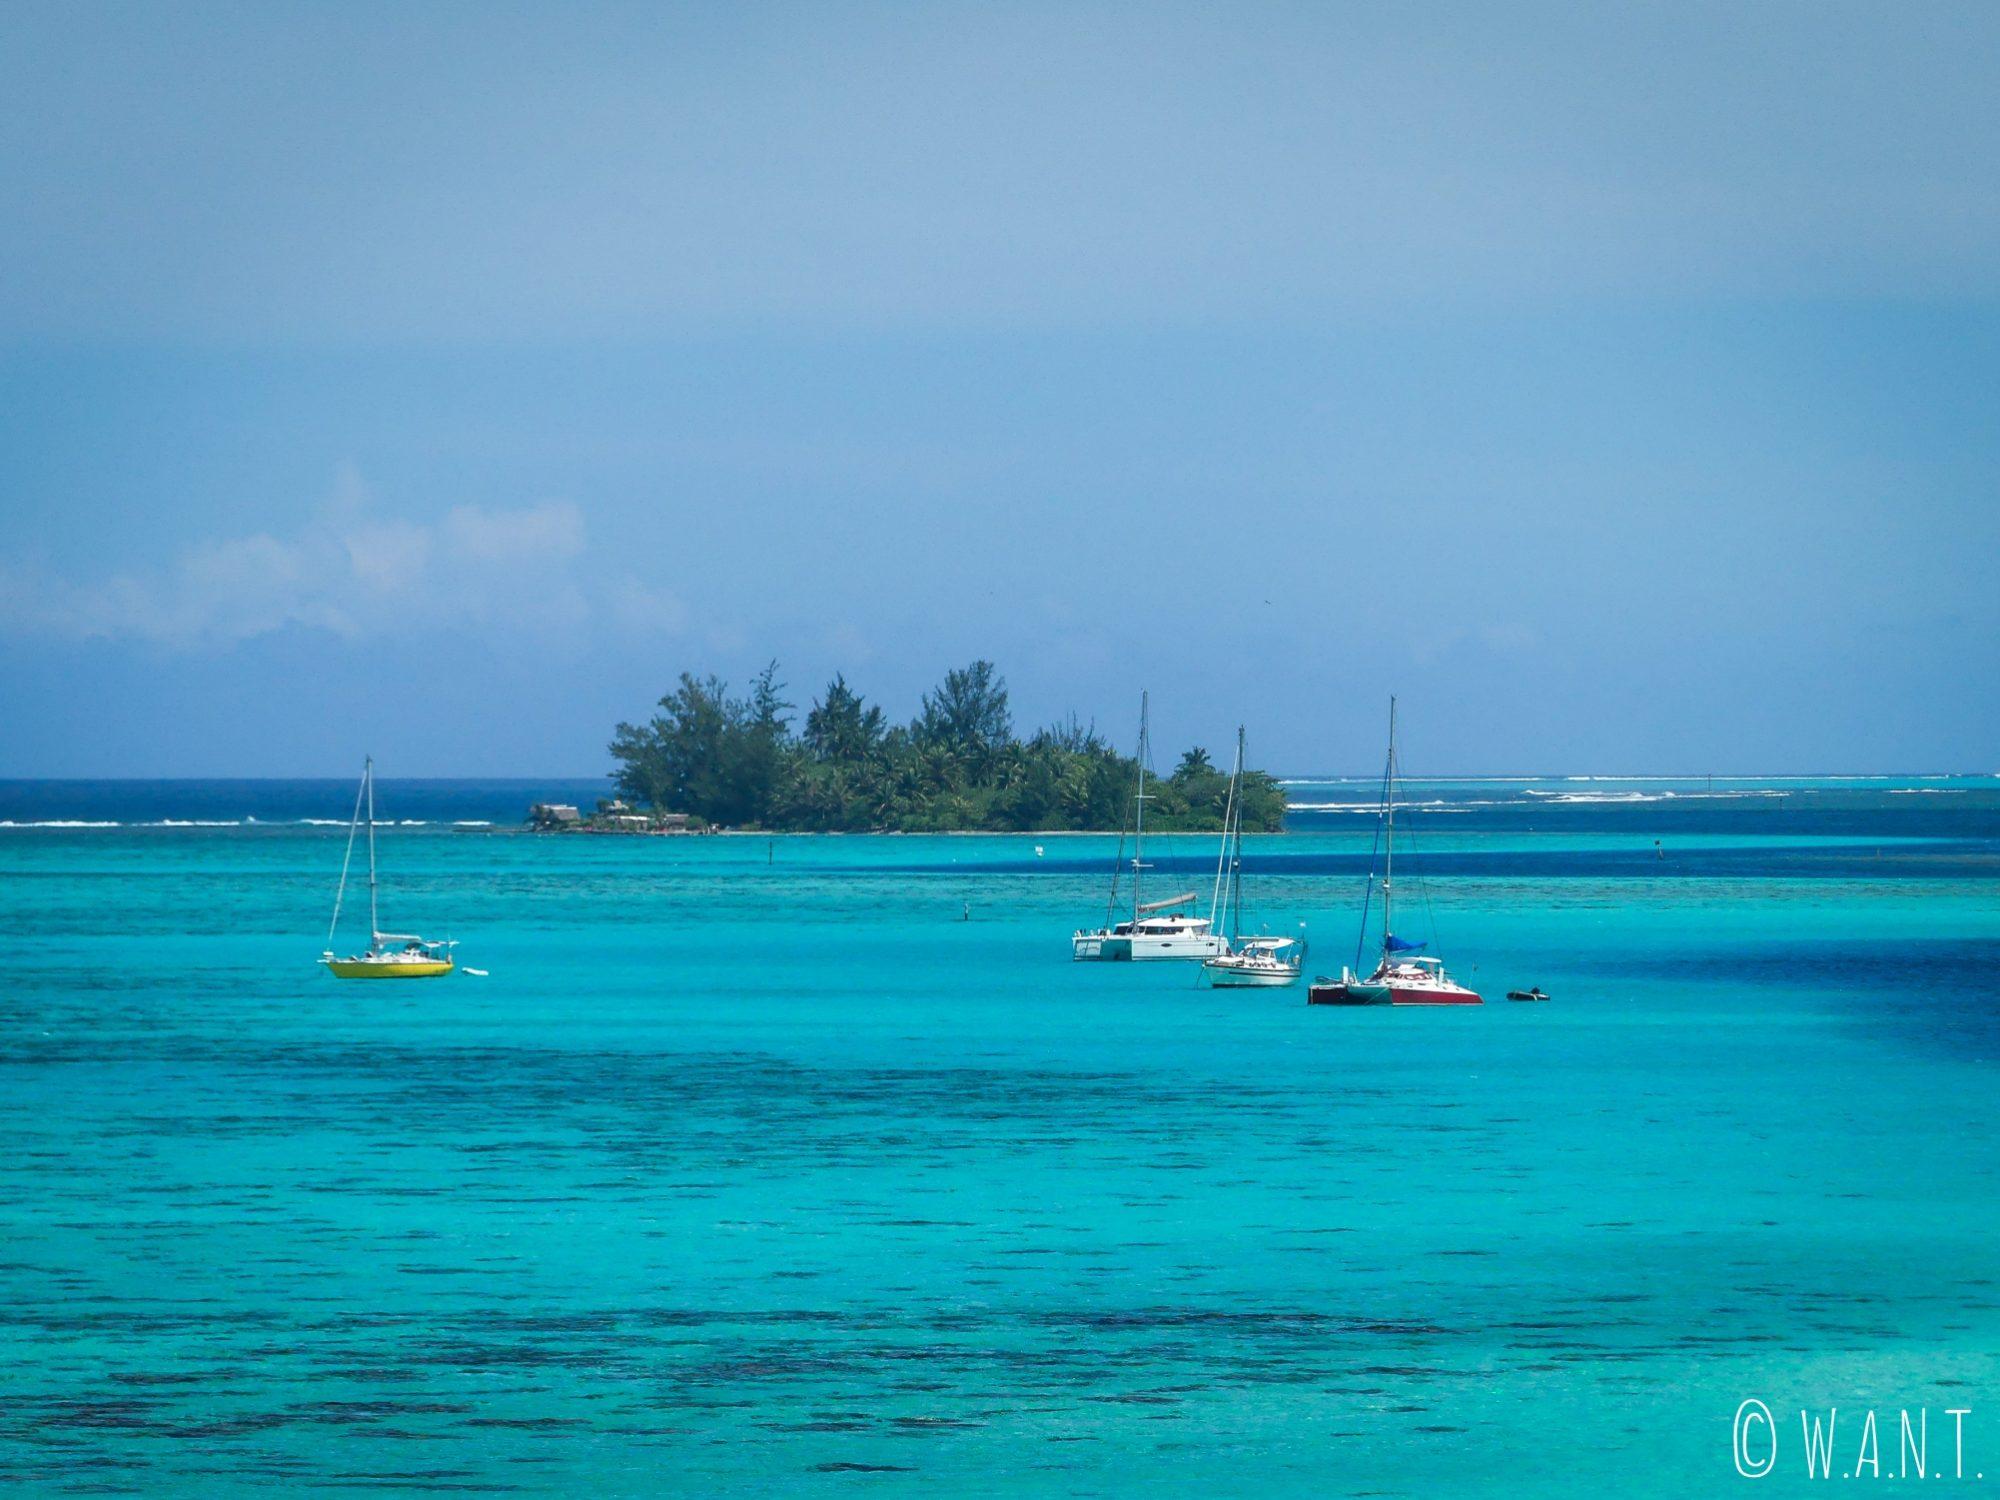 Un motu aux abords de l'île de Moorea, avec quelques bateaux de plaisance